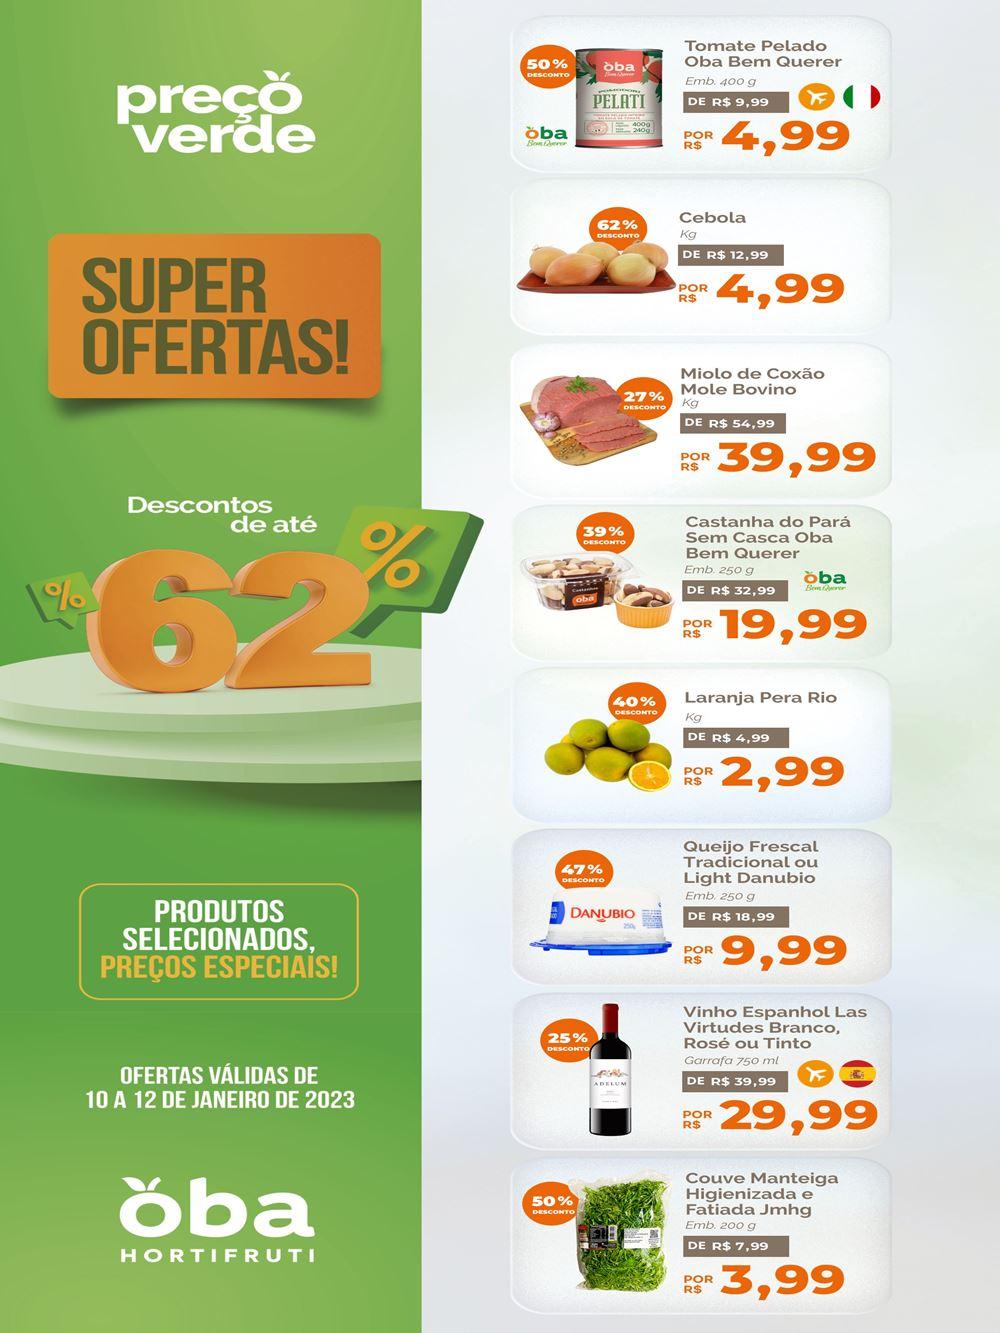 oba-ofertas-descontos-hoje1-24 Ofertas de supermercados